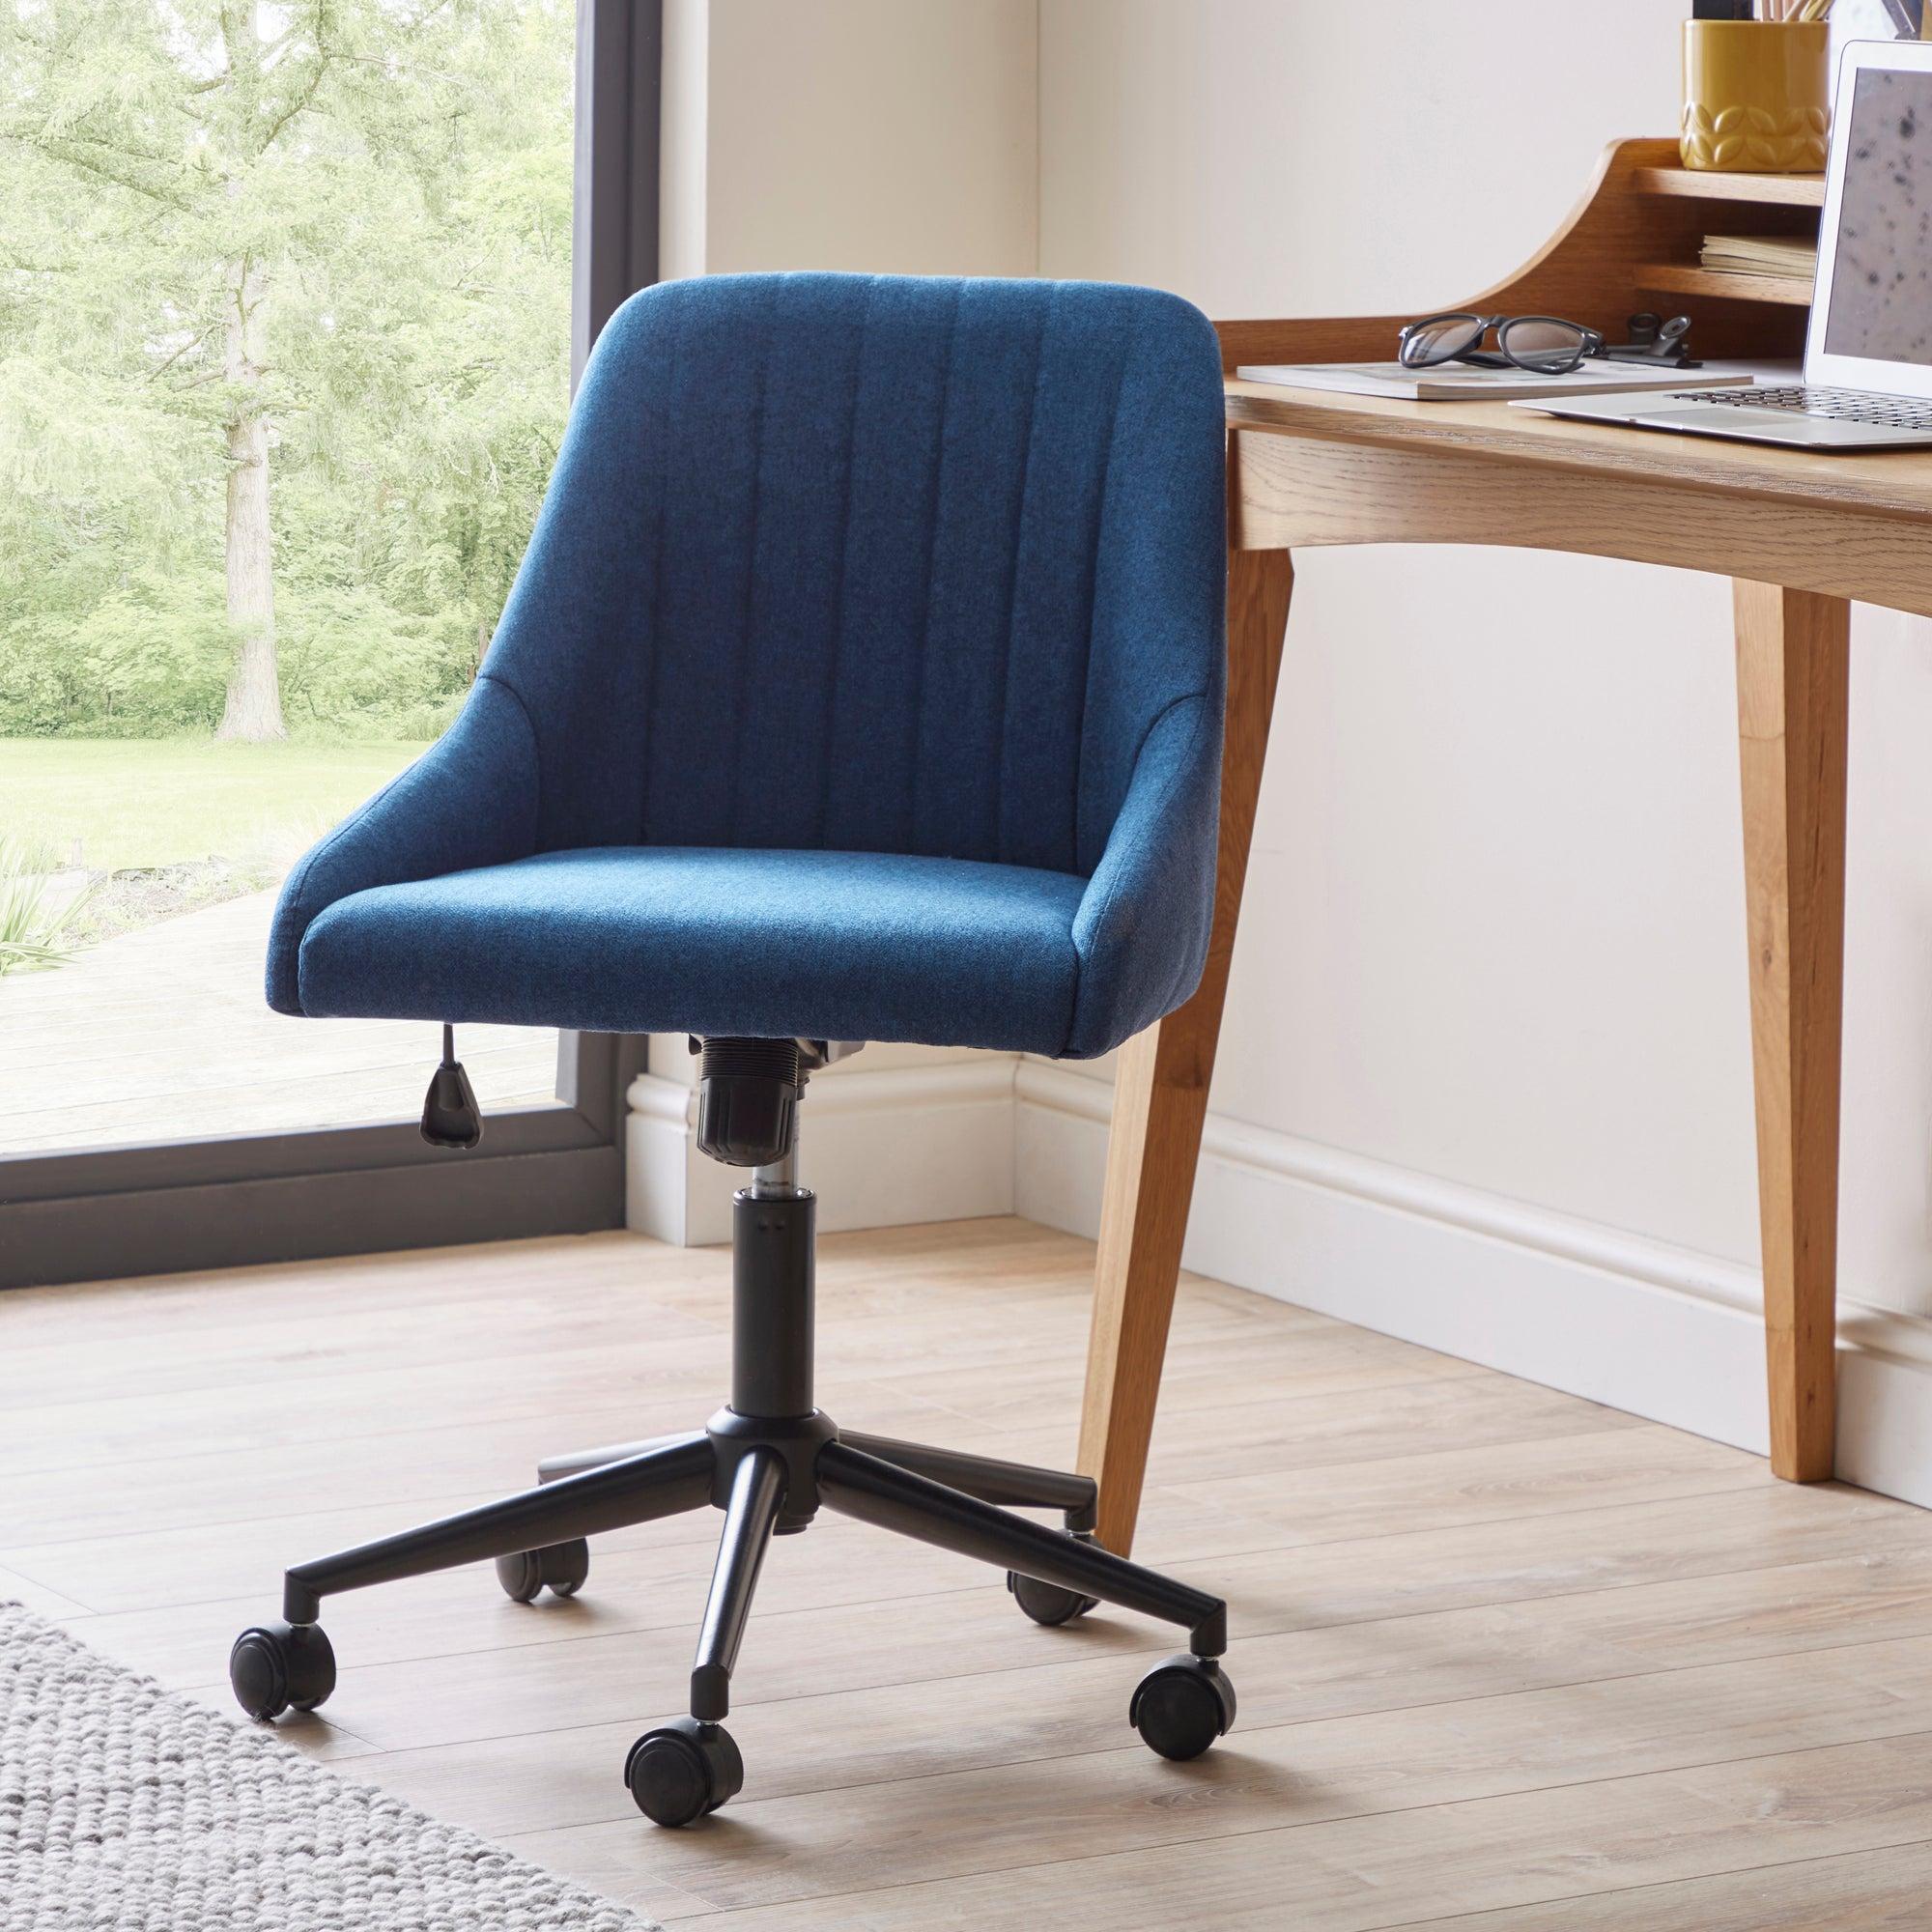 Kenton Herringbone Office Chair Navy Blue